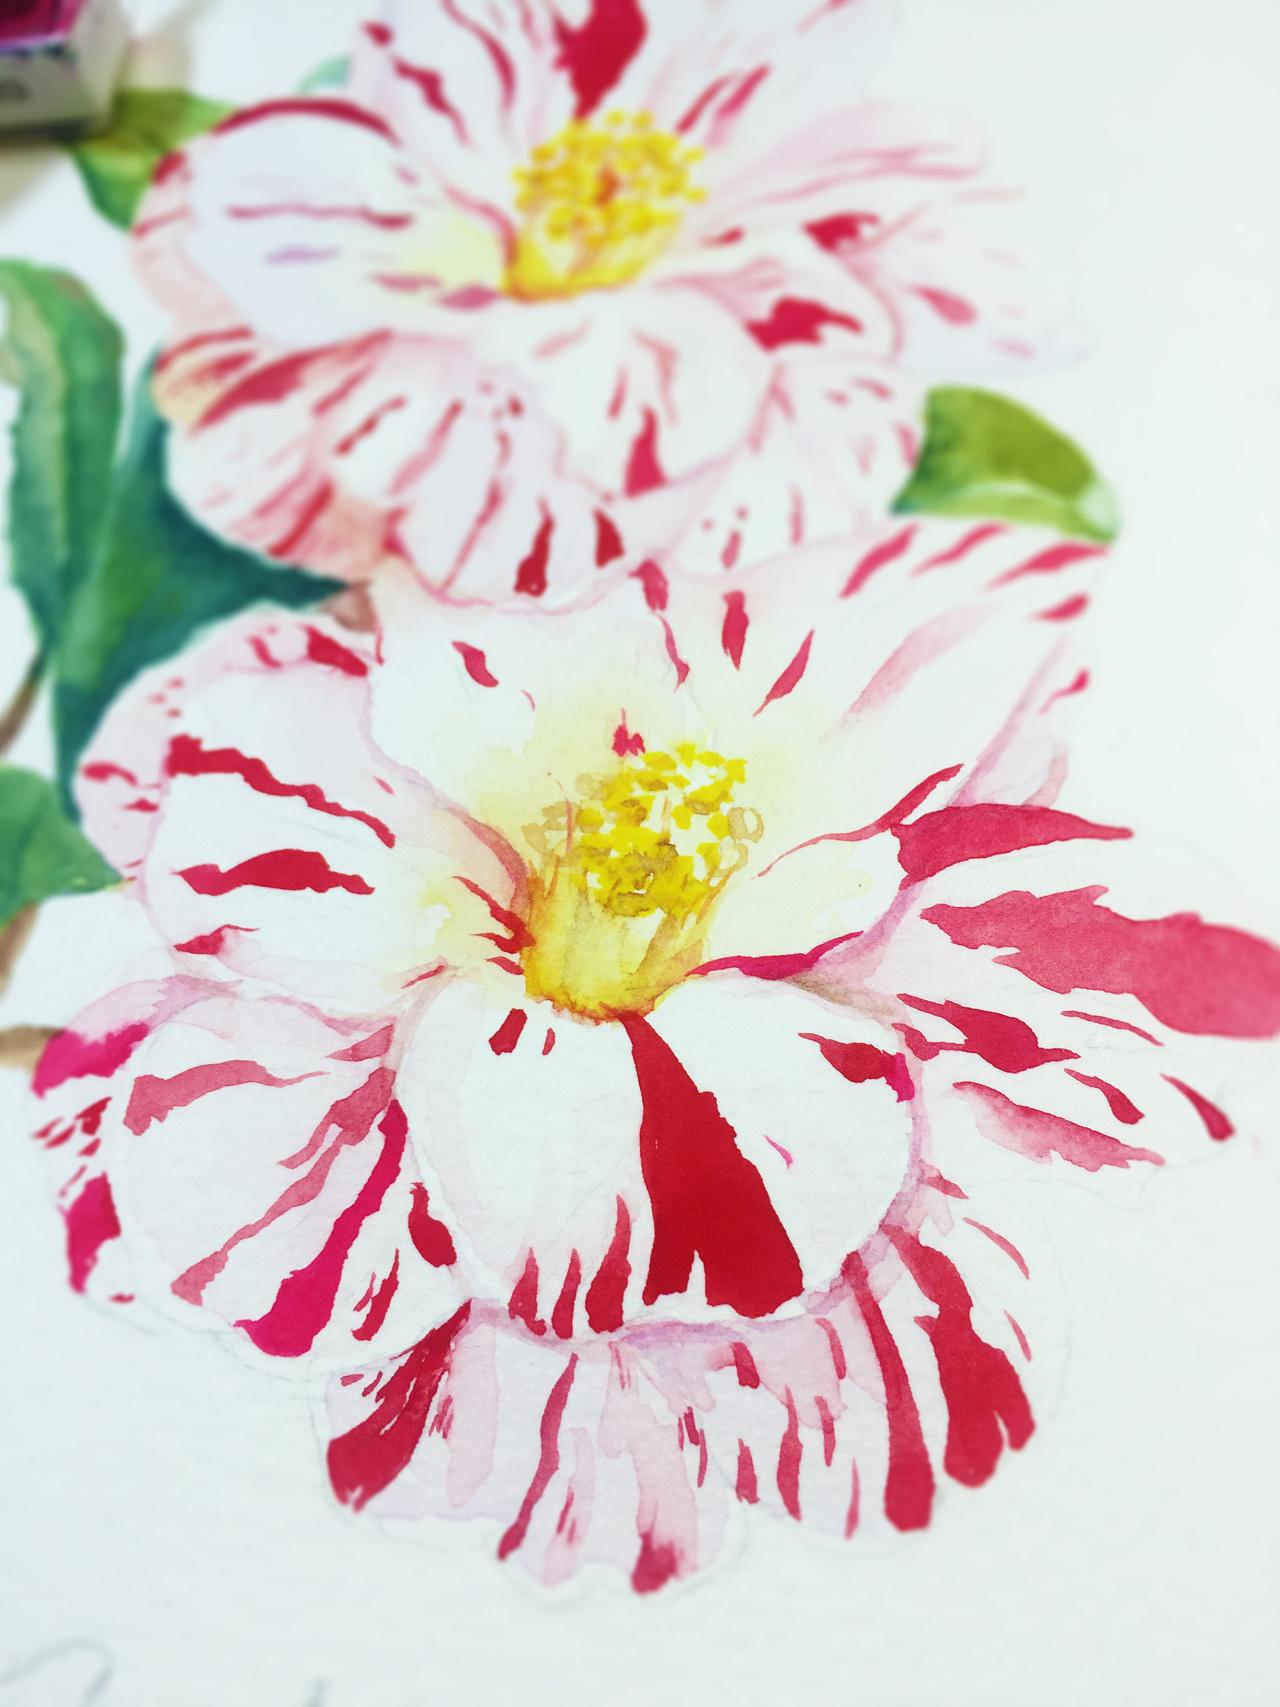 水彩手绘-山茶花